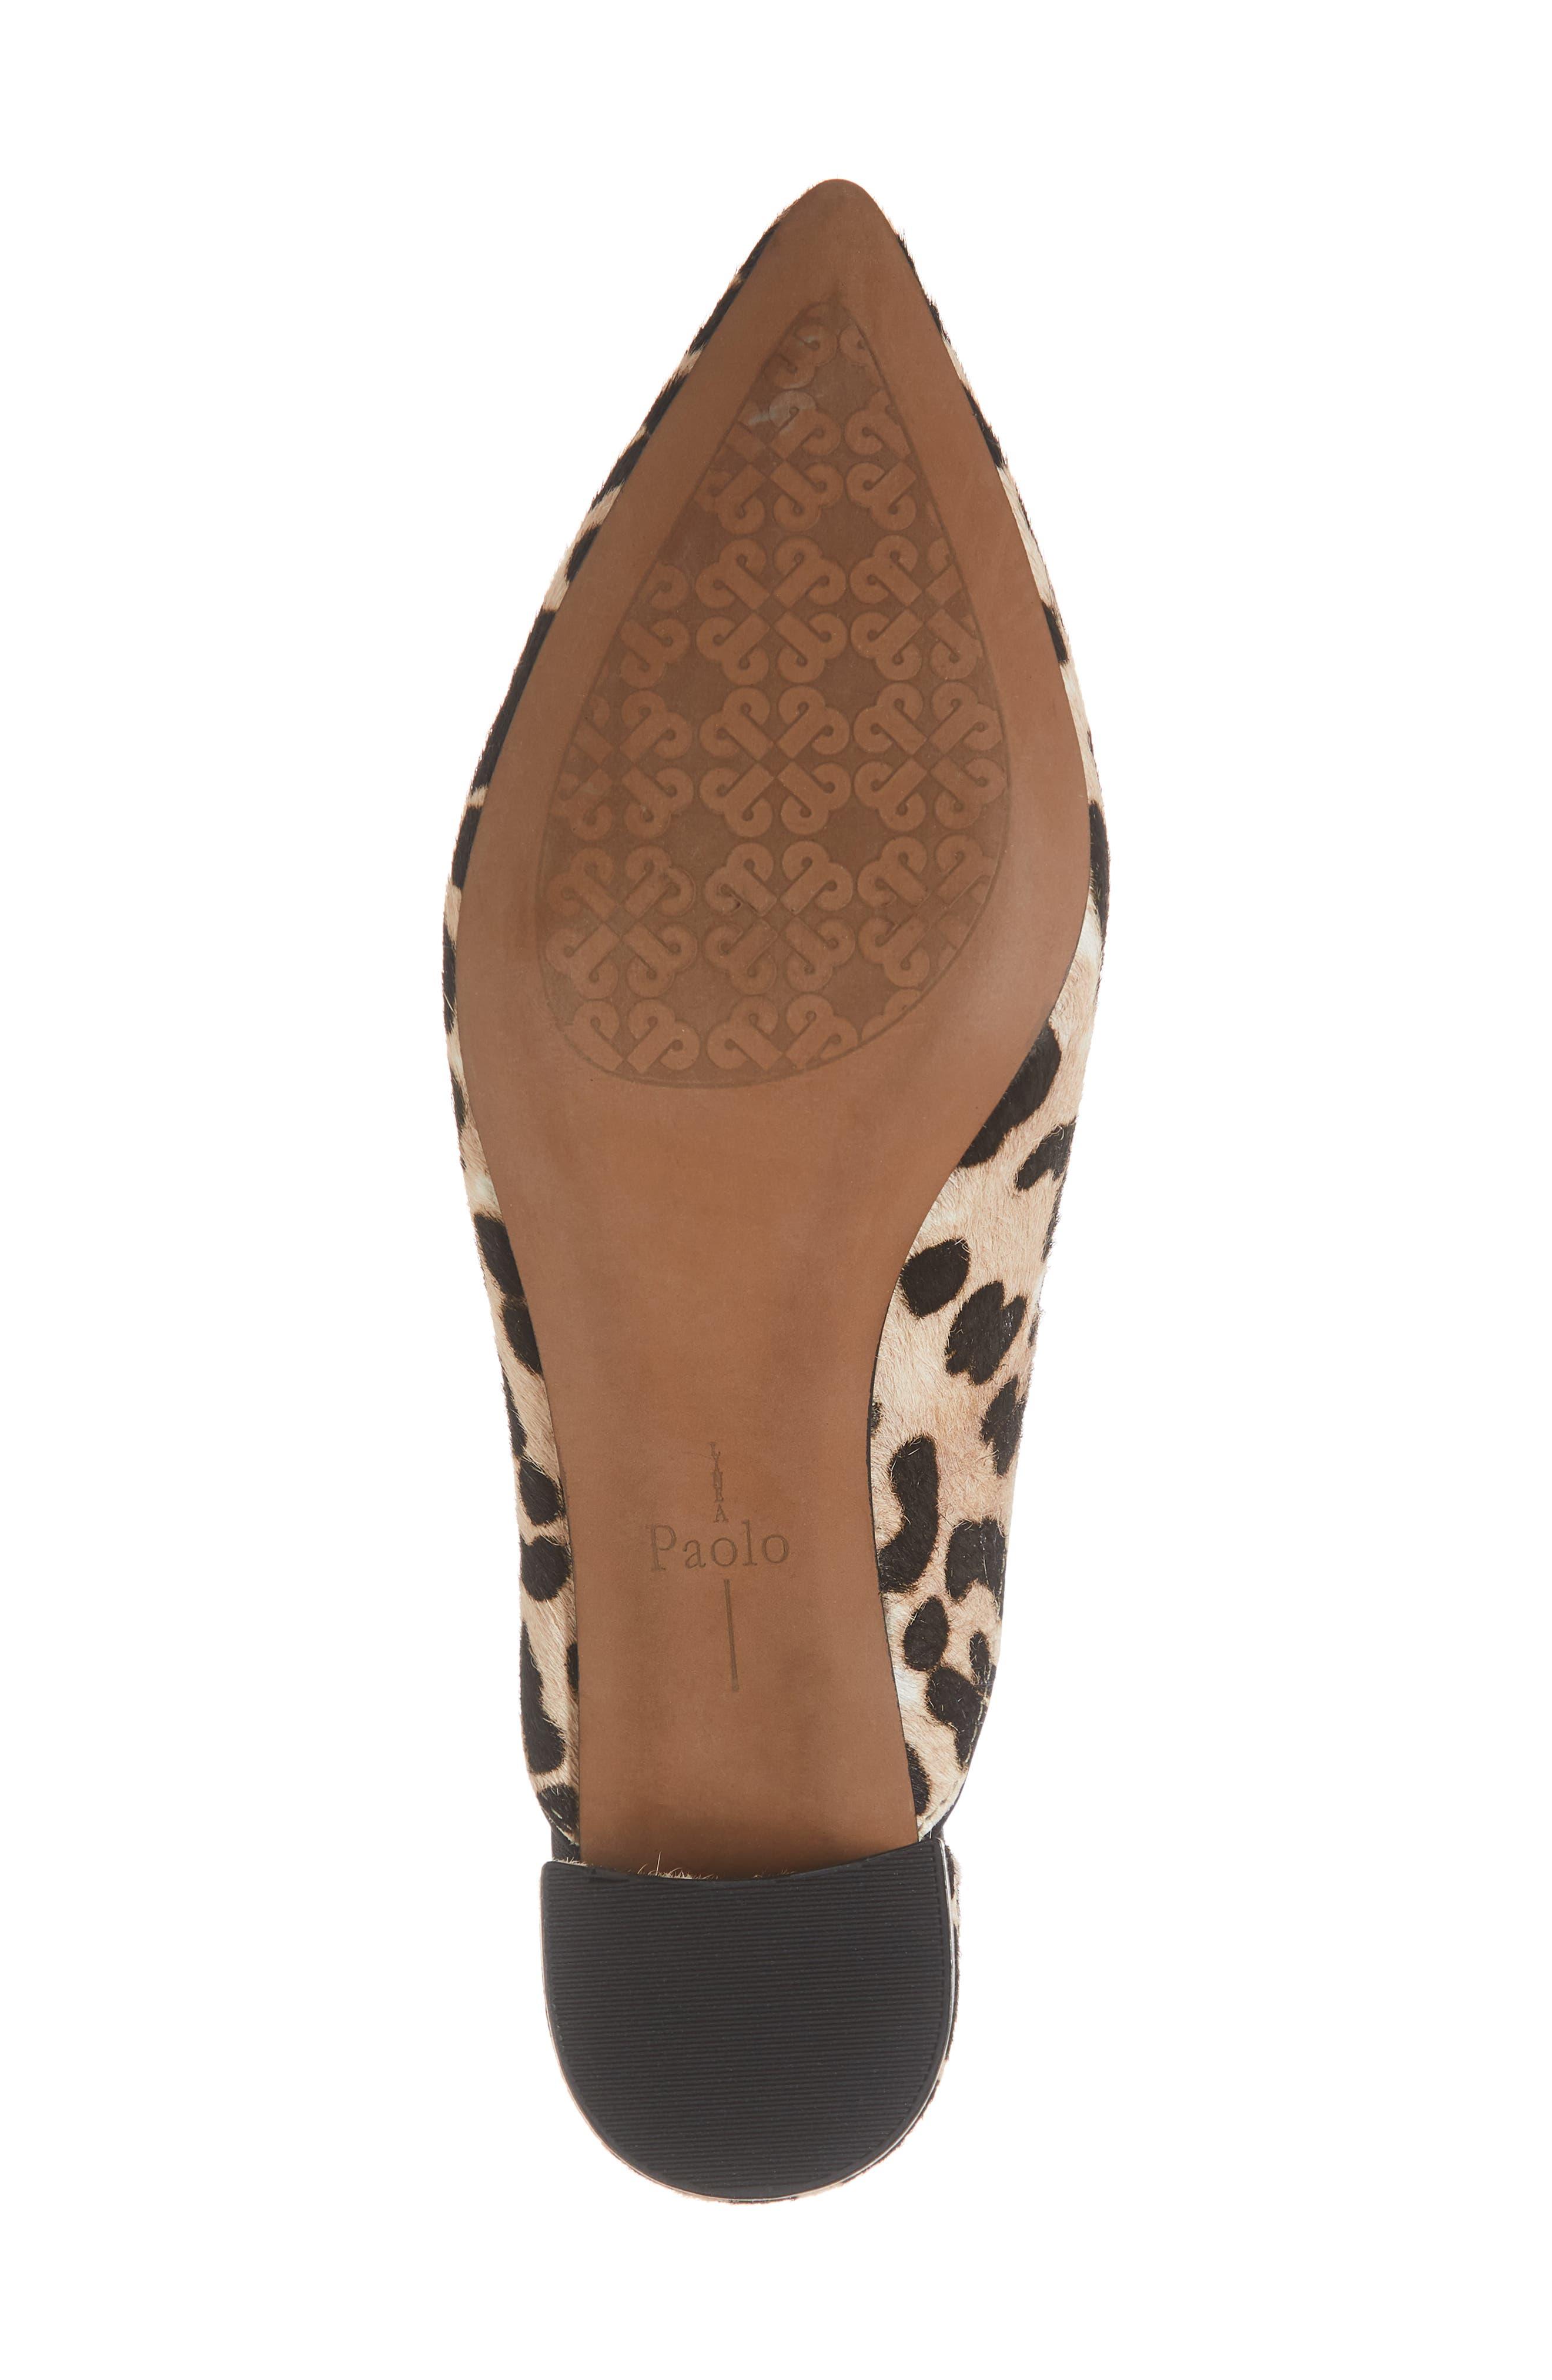 LINEA PAOLO, Zadie II Genuine Calf Hair Mule, Alternate thumbnail 6, color, LEOPARD HAIRCALF